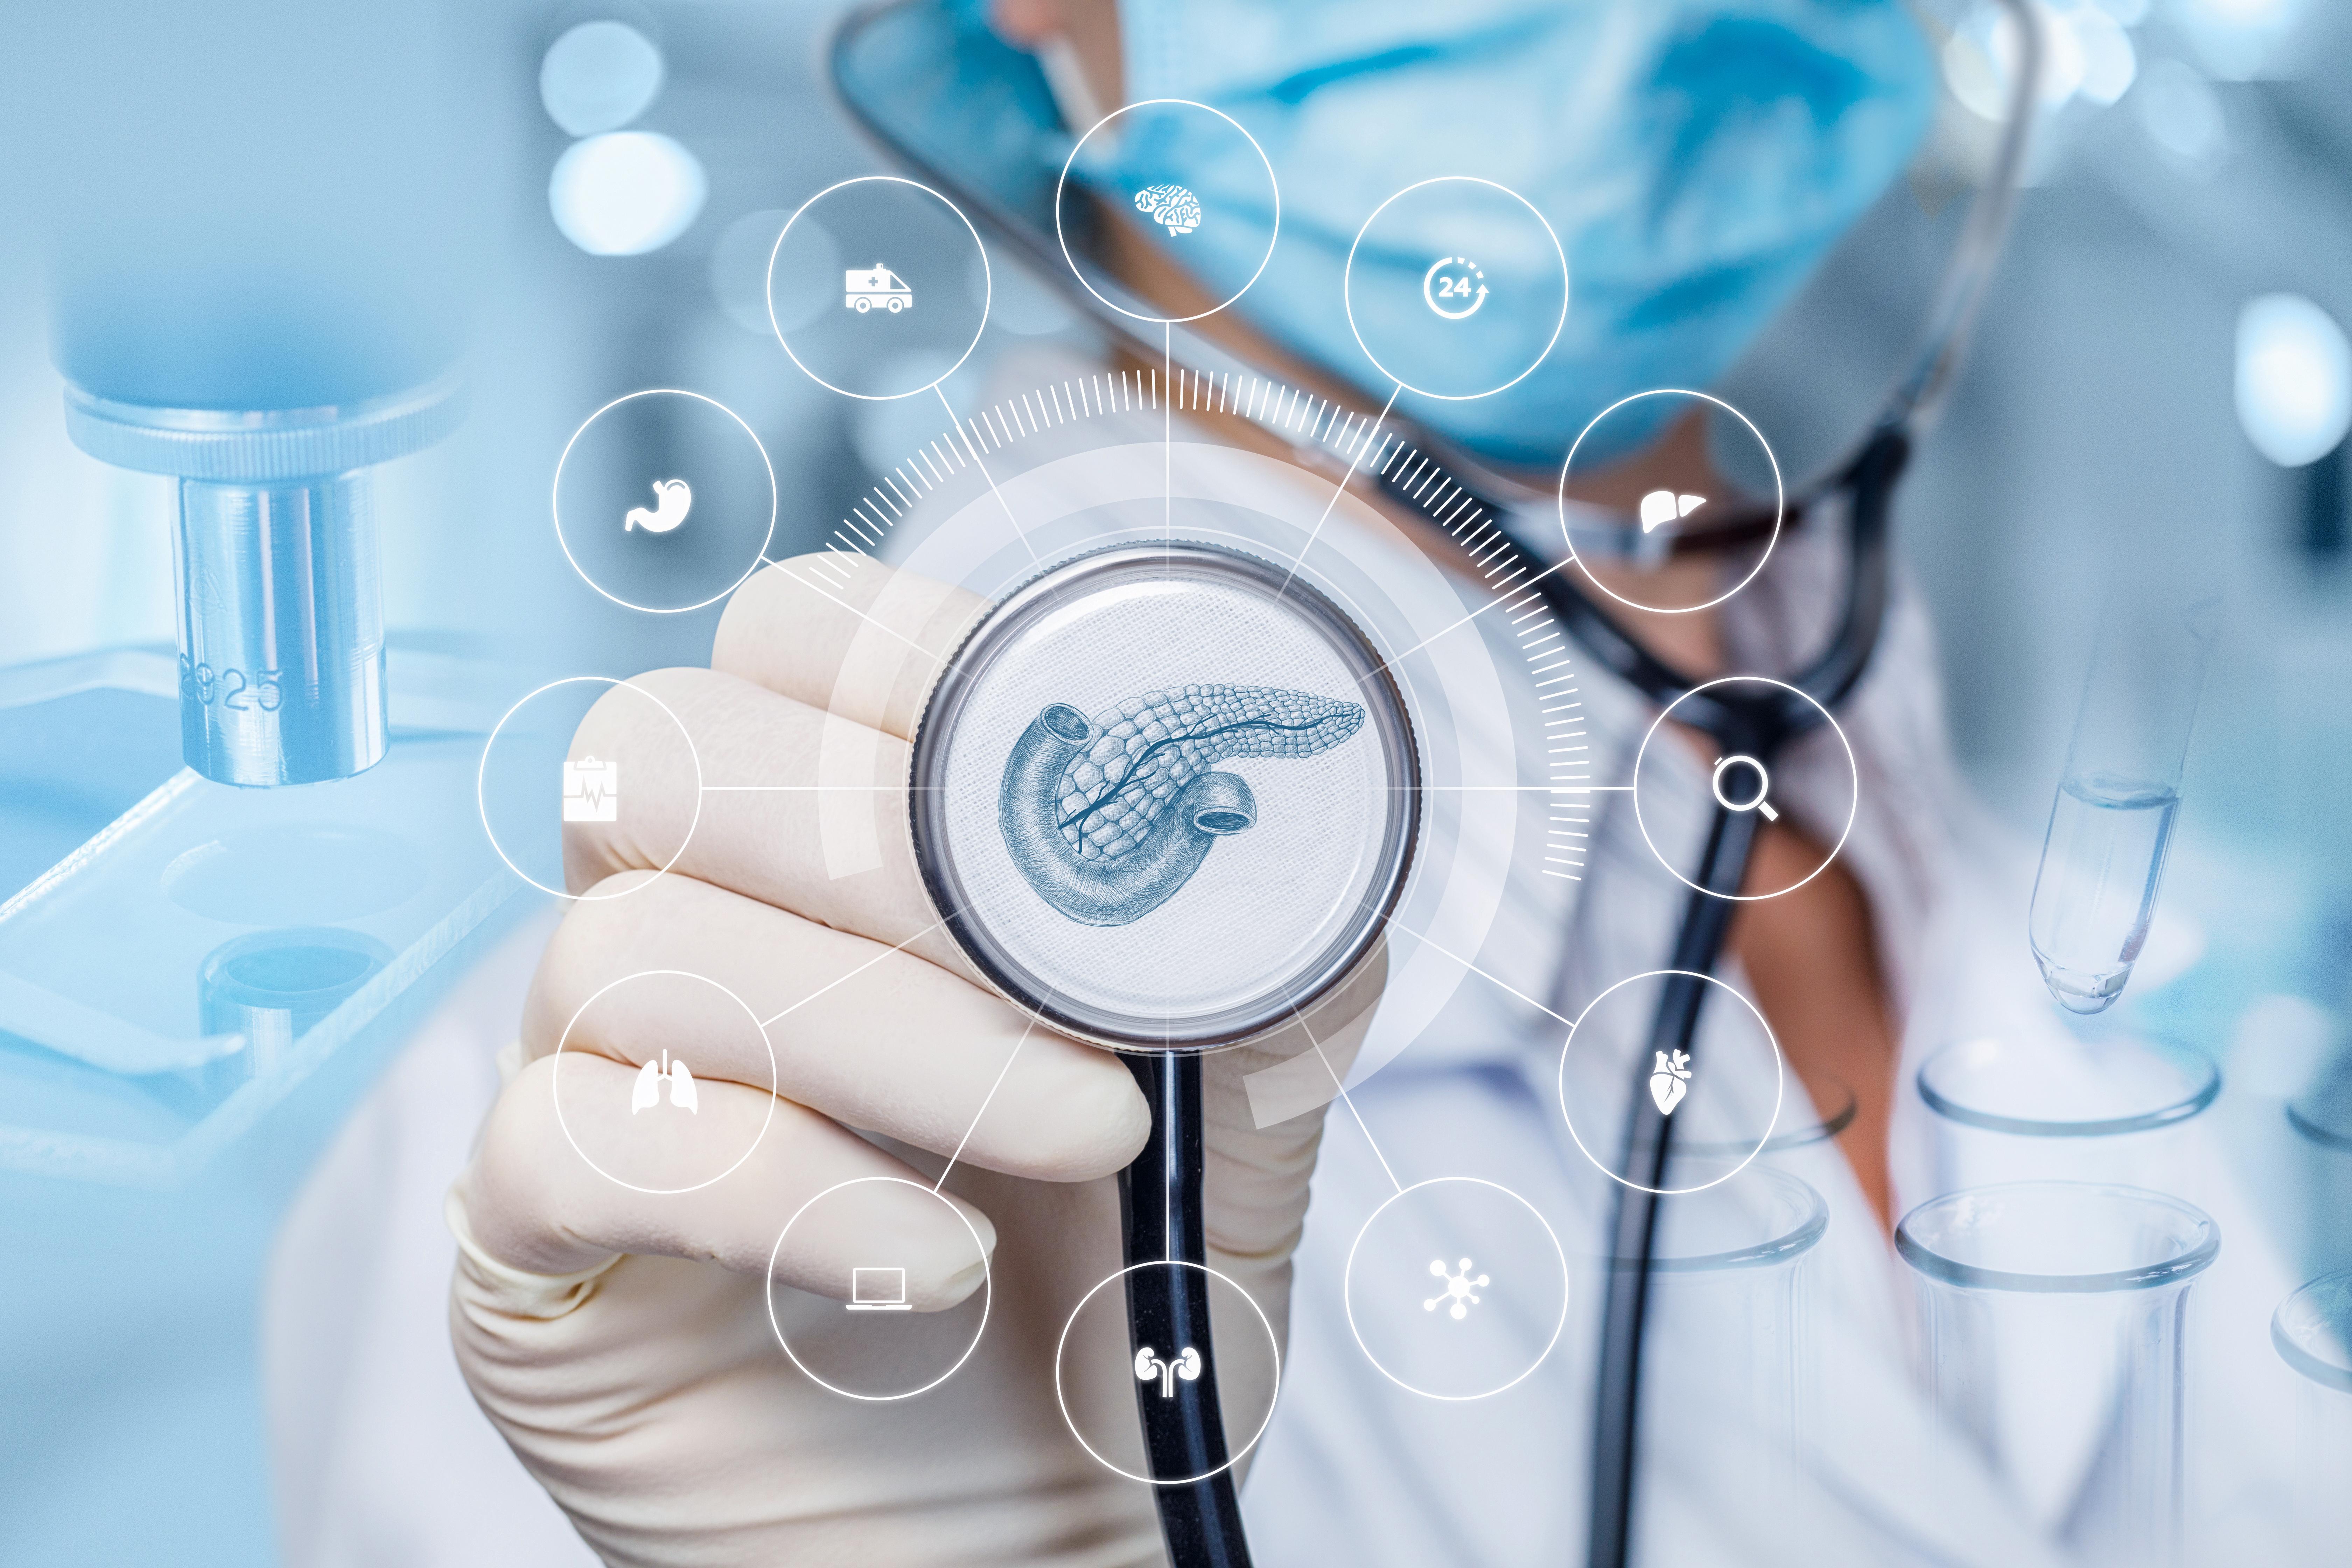 La chirurgie de l'obésité réduit aussi le risque de cancer du pancréas (Visuel Adobe Stock 281104038)